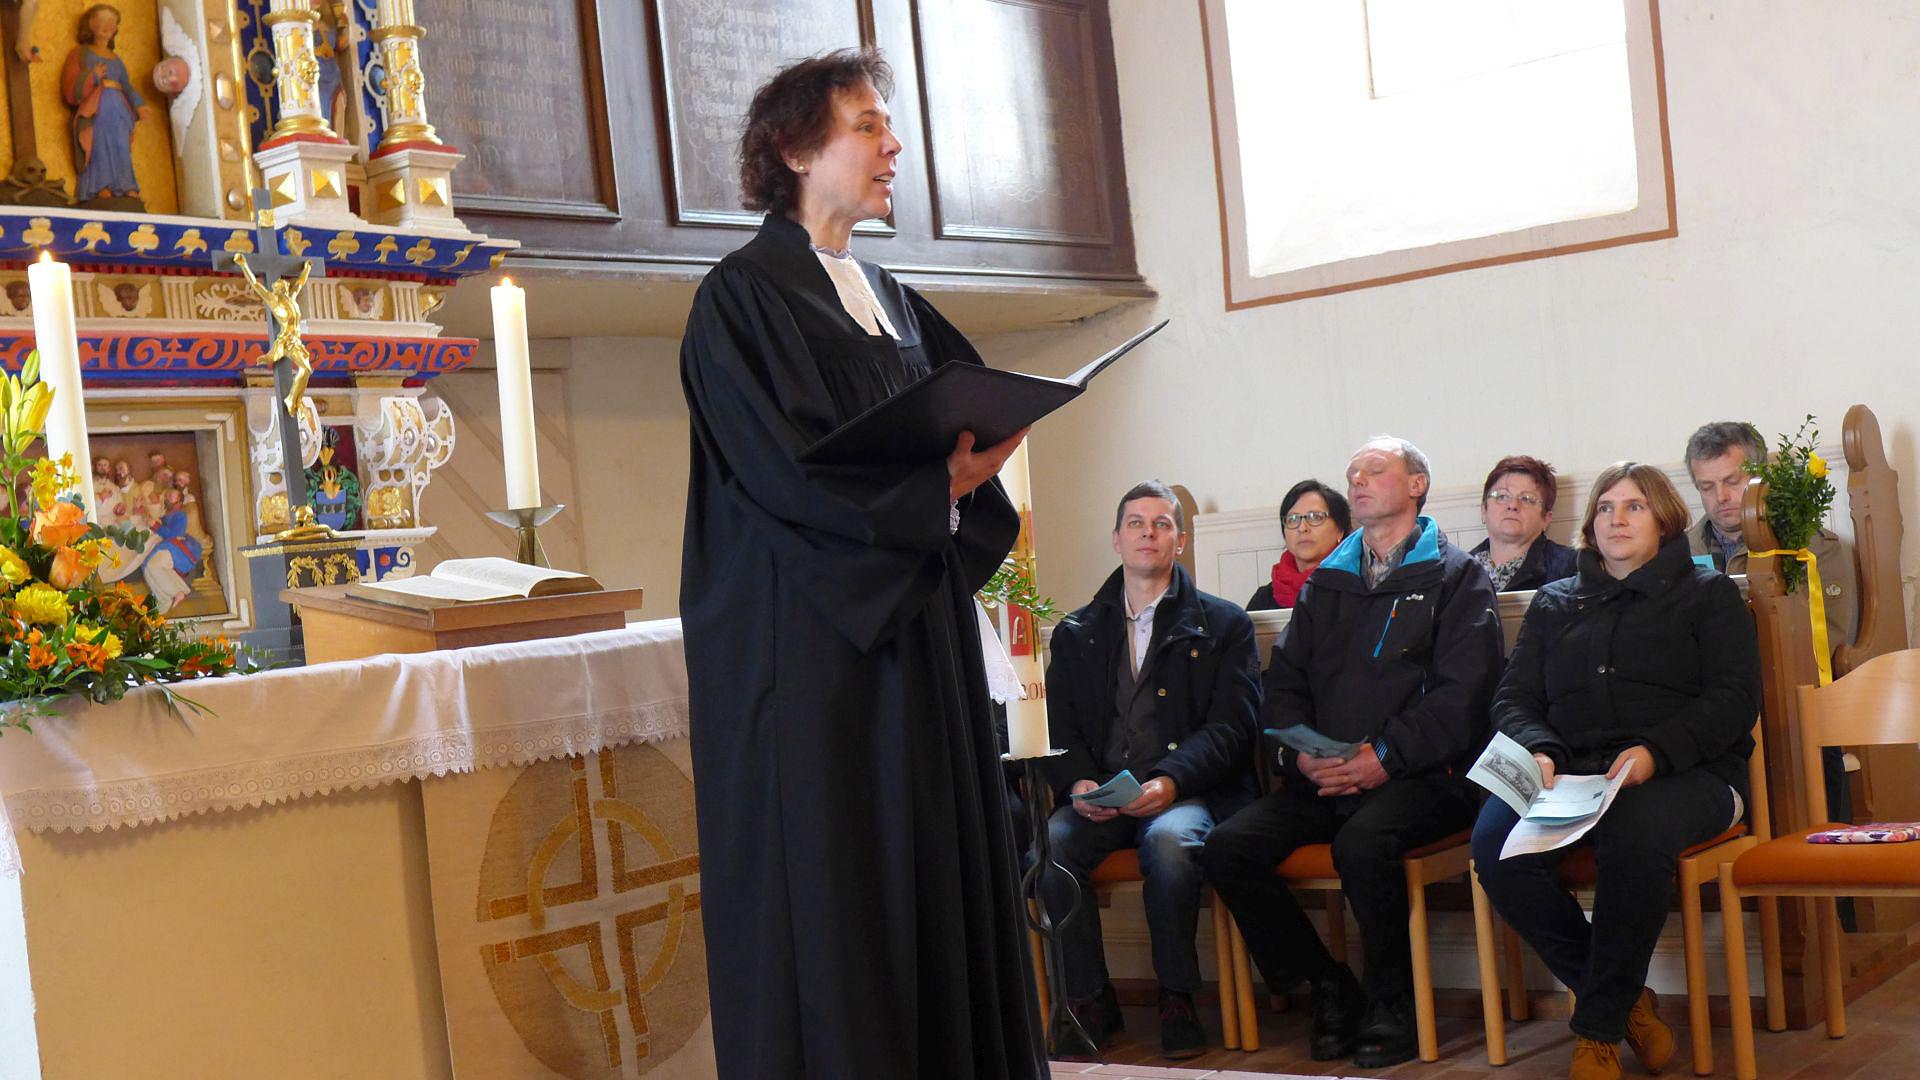 Einführung von Pfarrerin Dr. Dorothea Sitzler-Osing